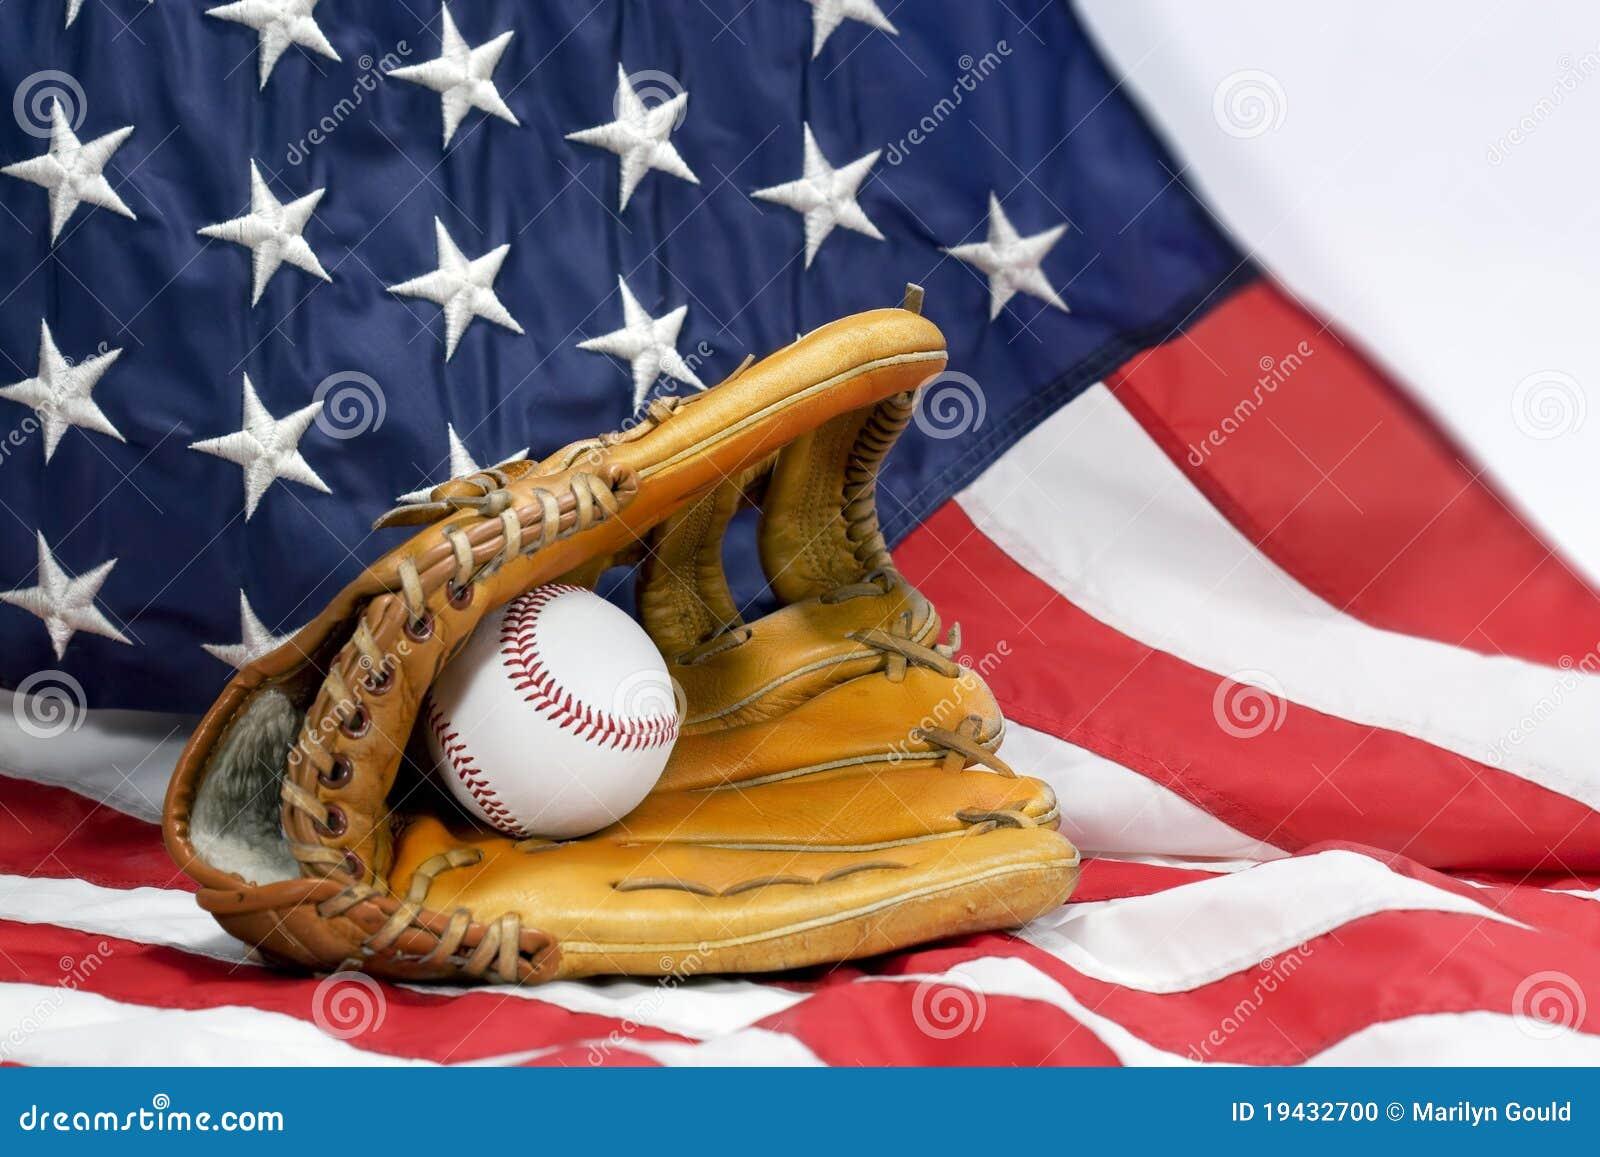 Guante de béisbol, bola y indicador de los E.E.U.U.